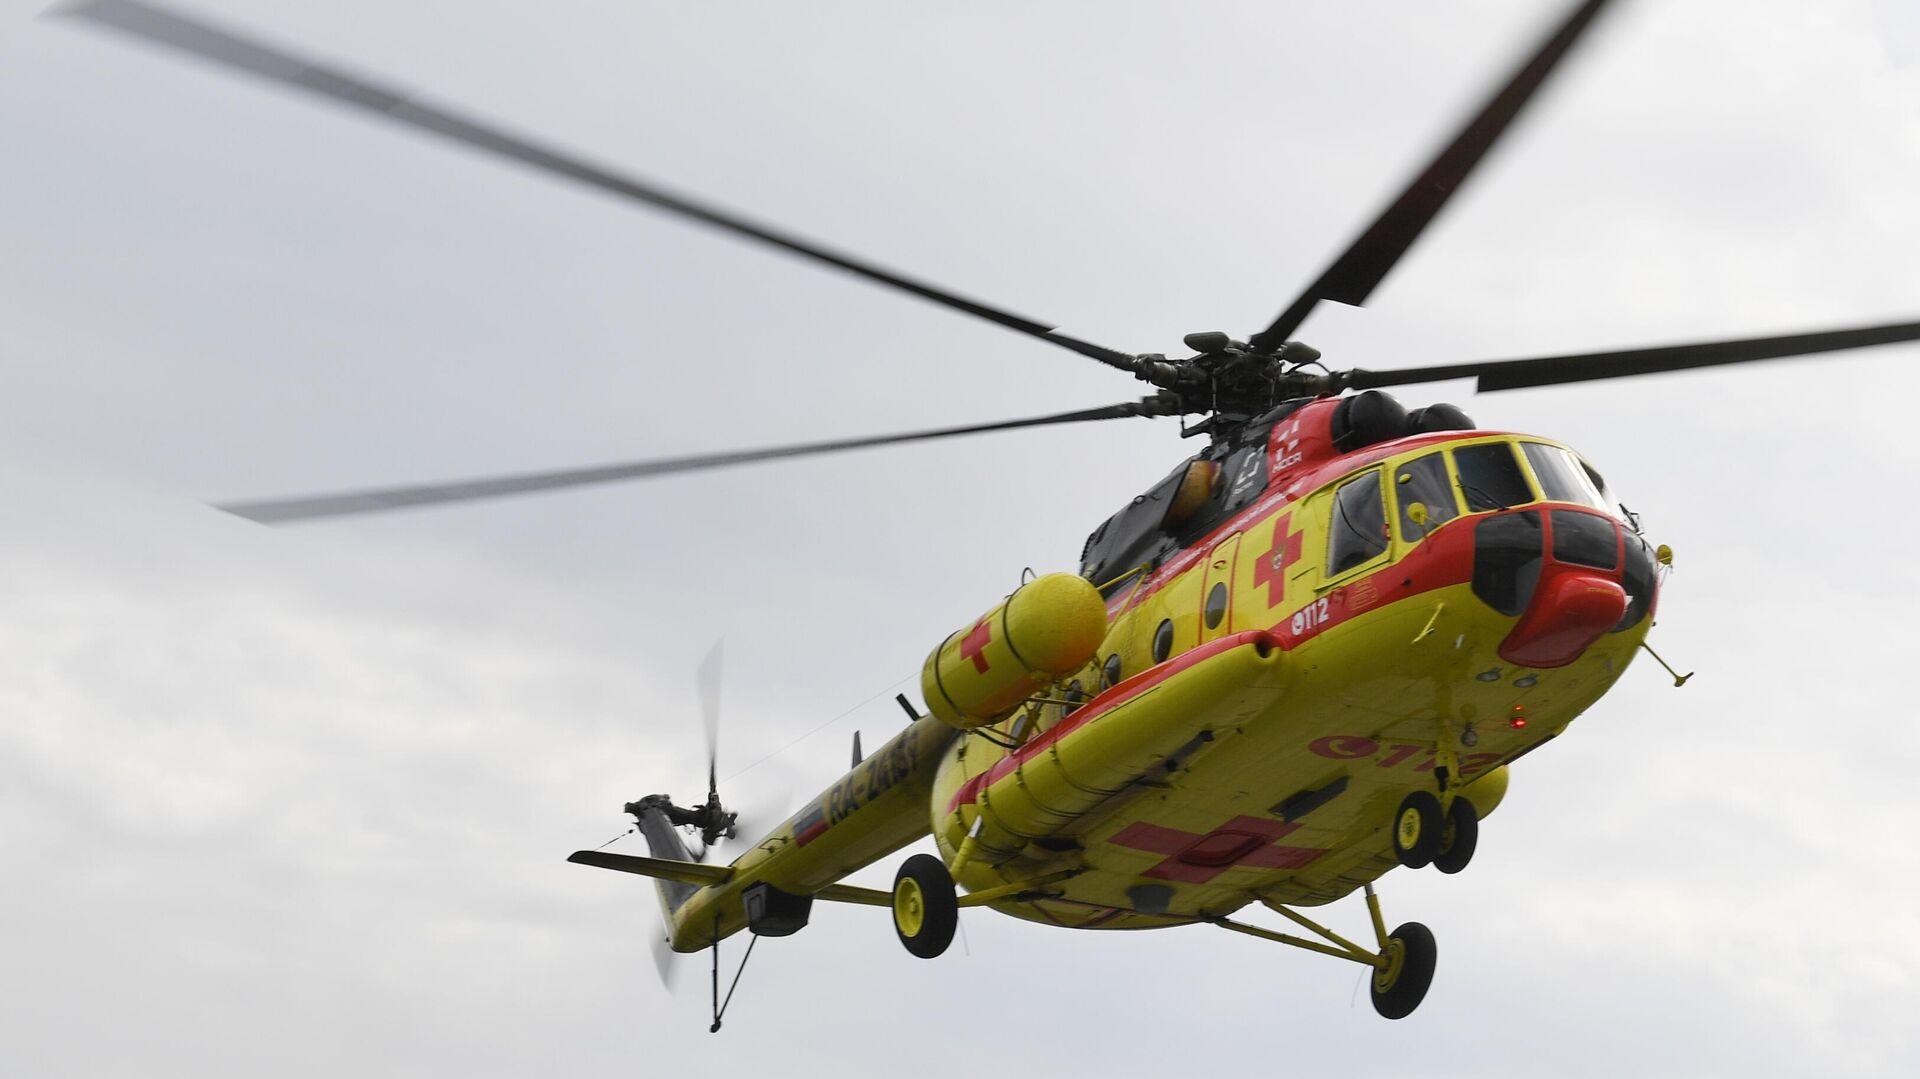 Пострадавших при ЧП на нефтяном месторождении в НАО доставили в больницу